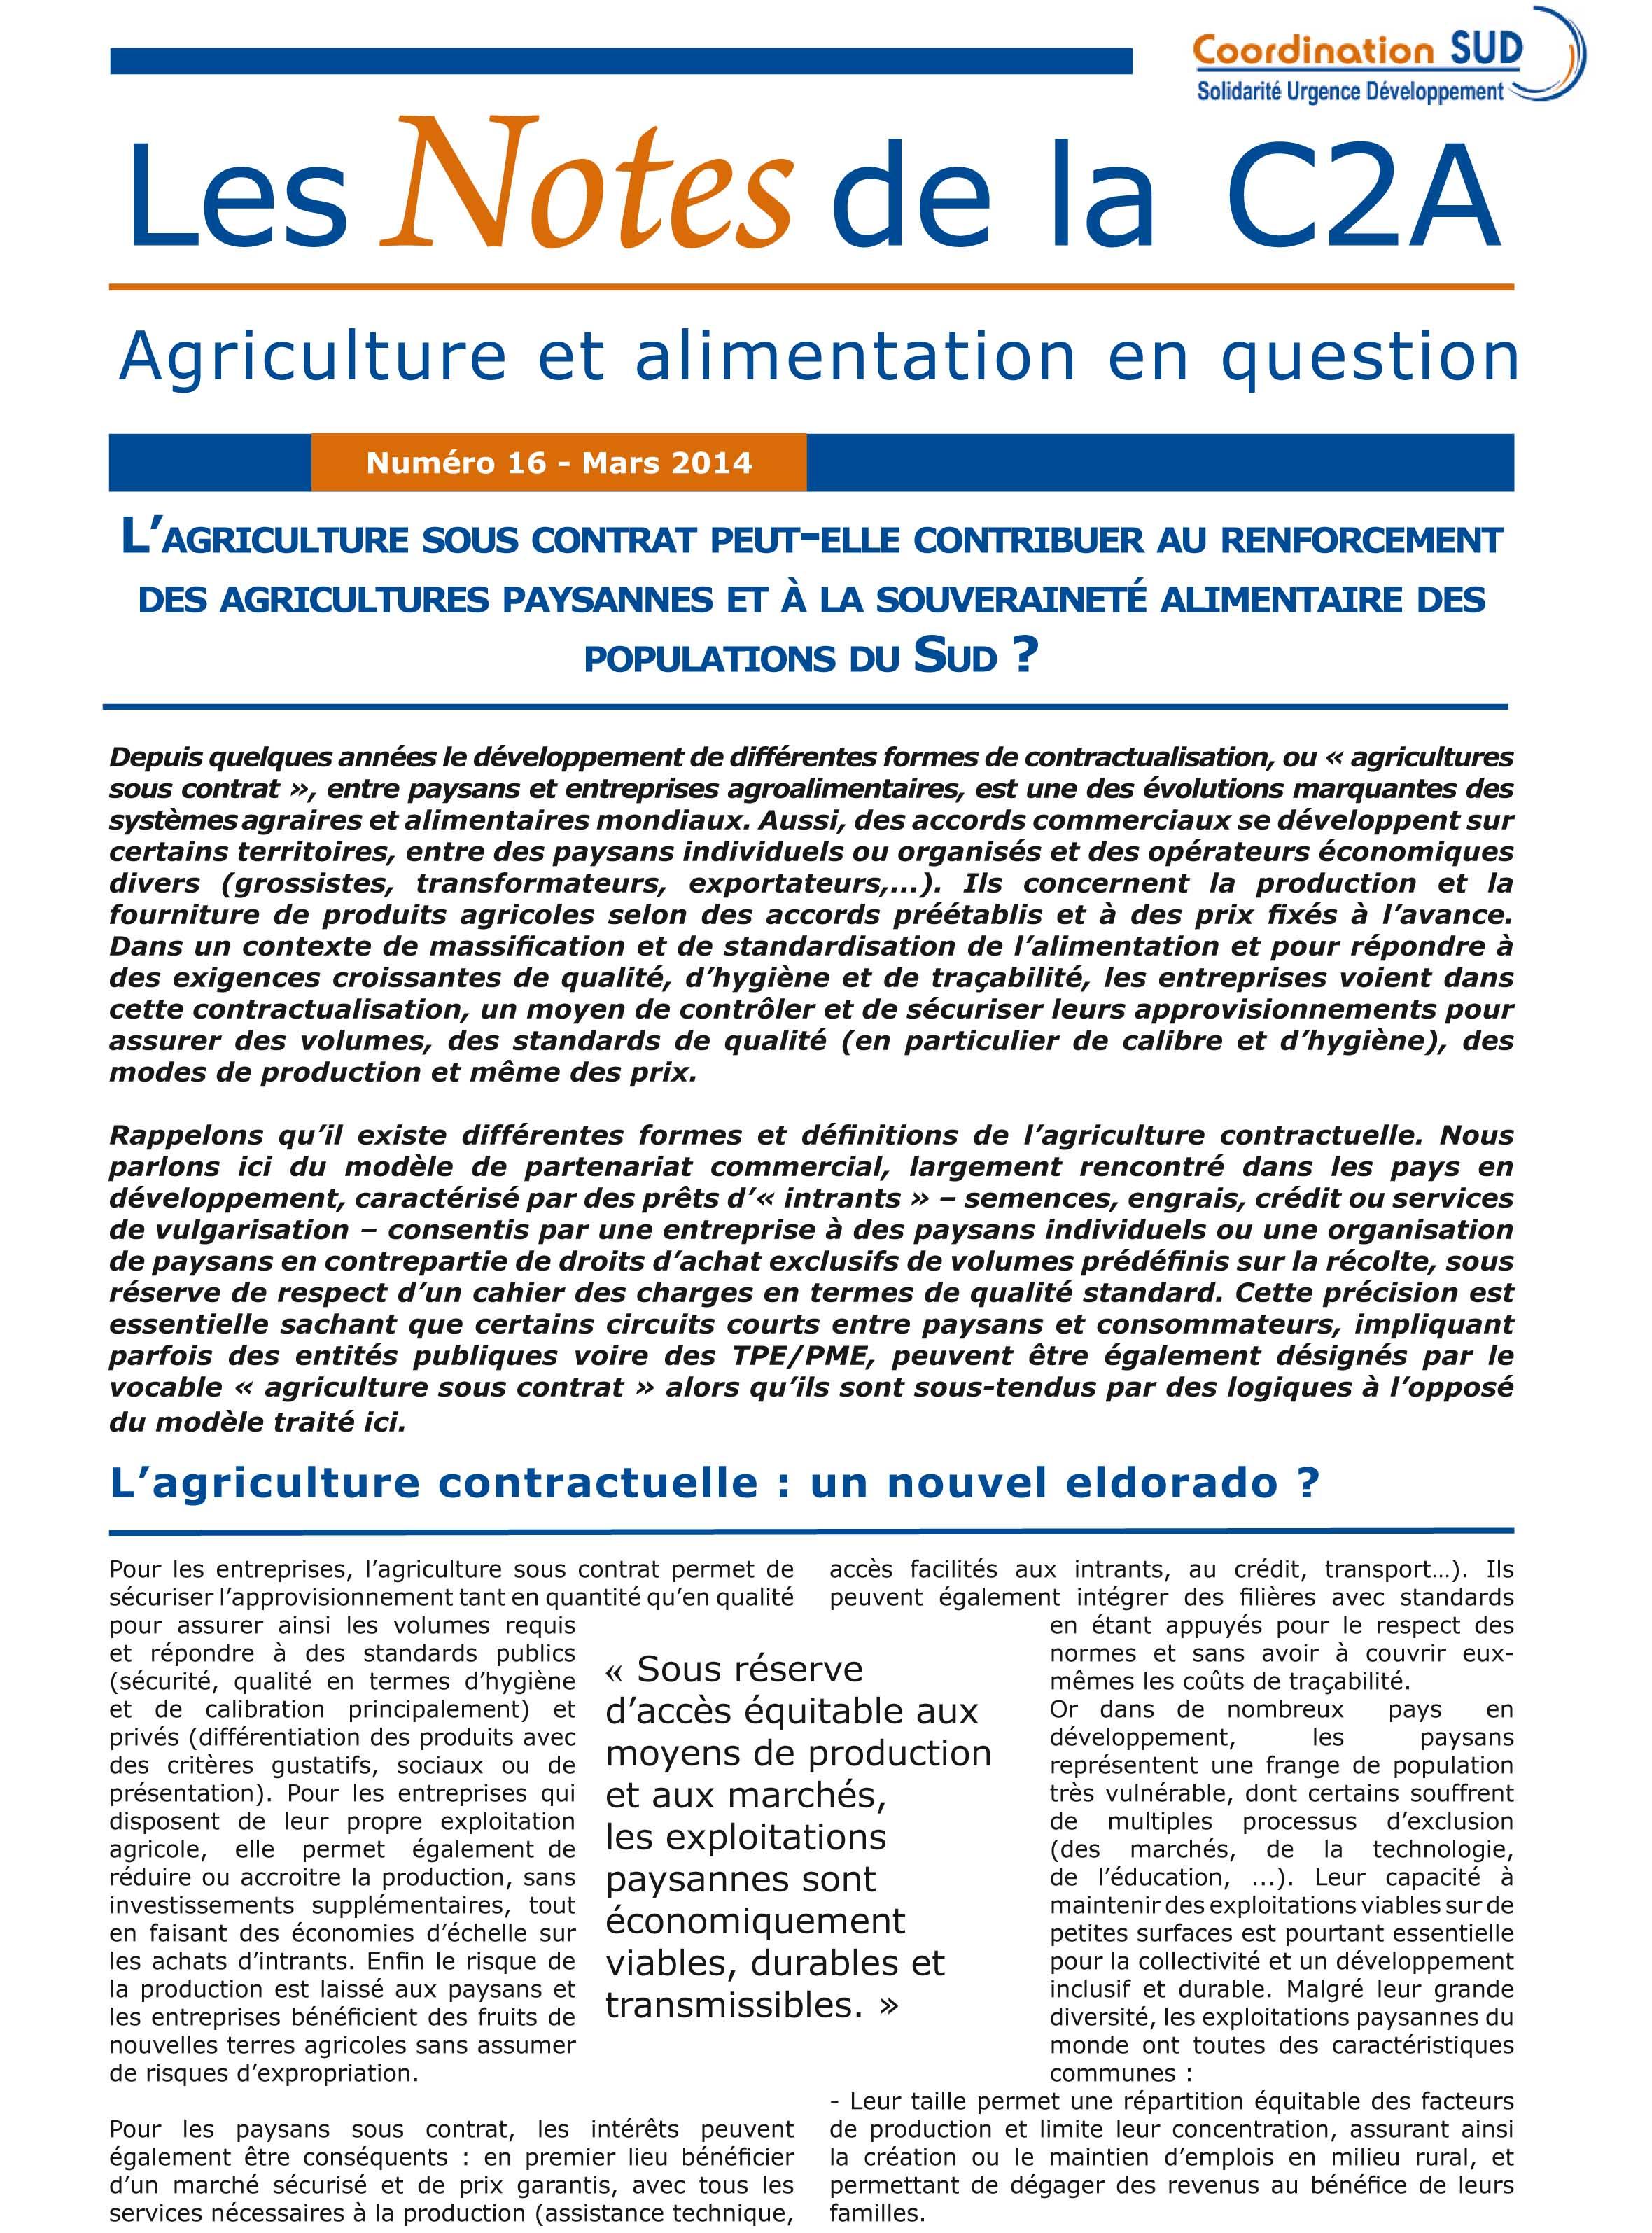 L'agriculture sous contrat peut-elle contribuer au renforcement des agricultures paysannes et à La souveraineté alimentaire des populations du sud ? Image principale